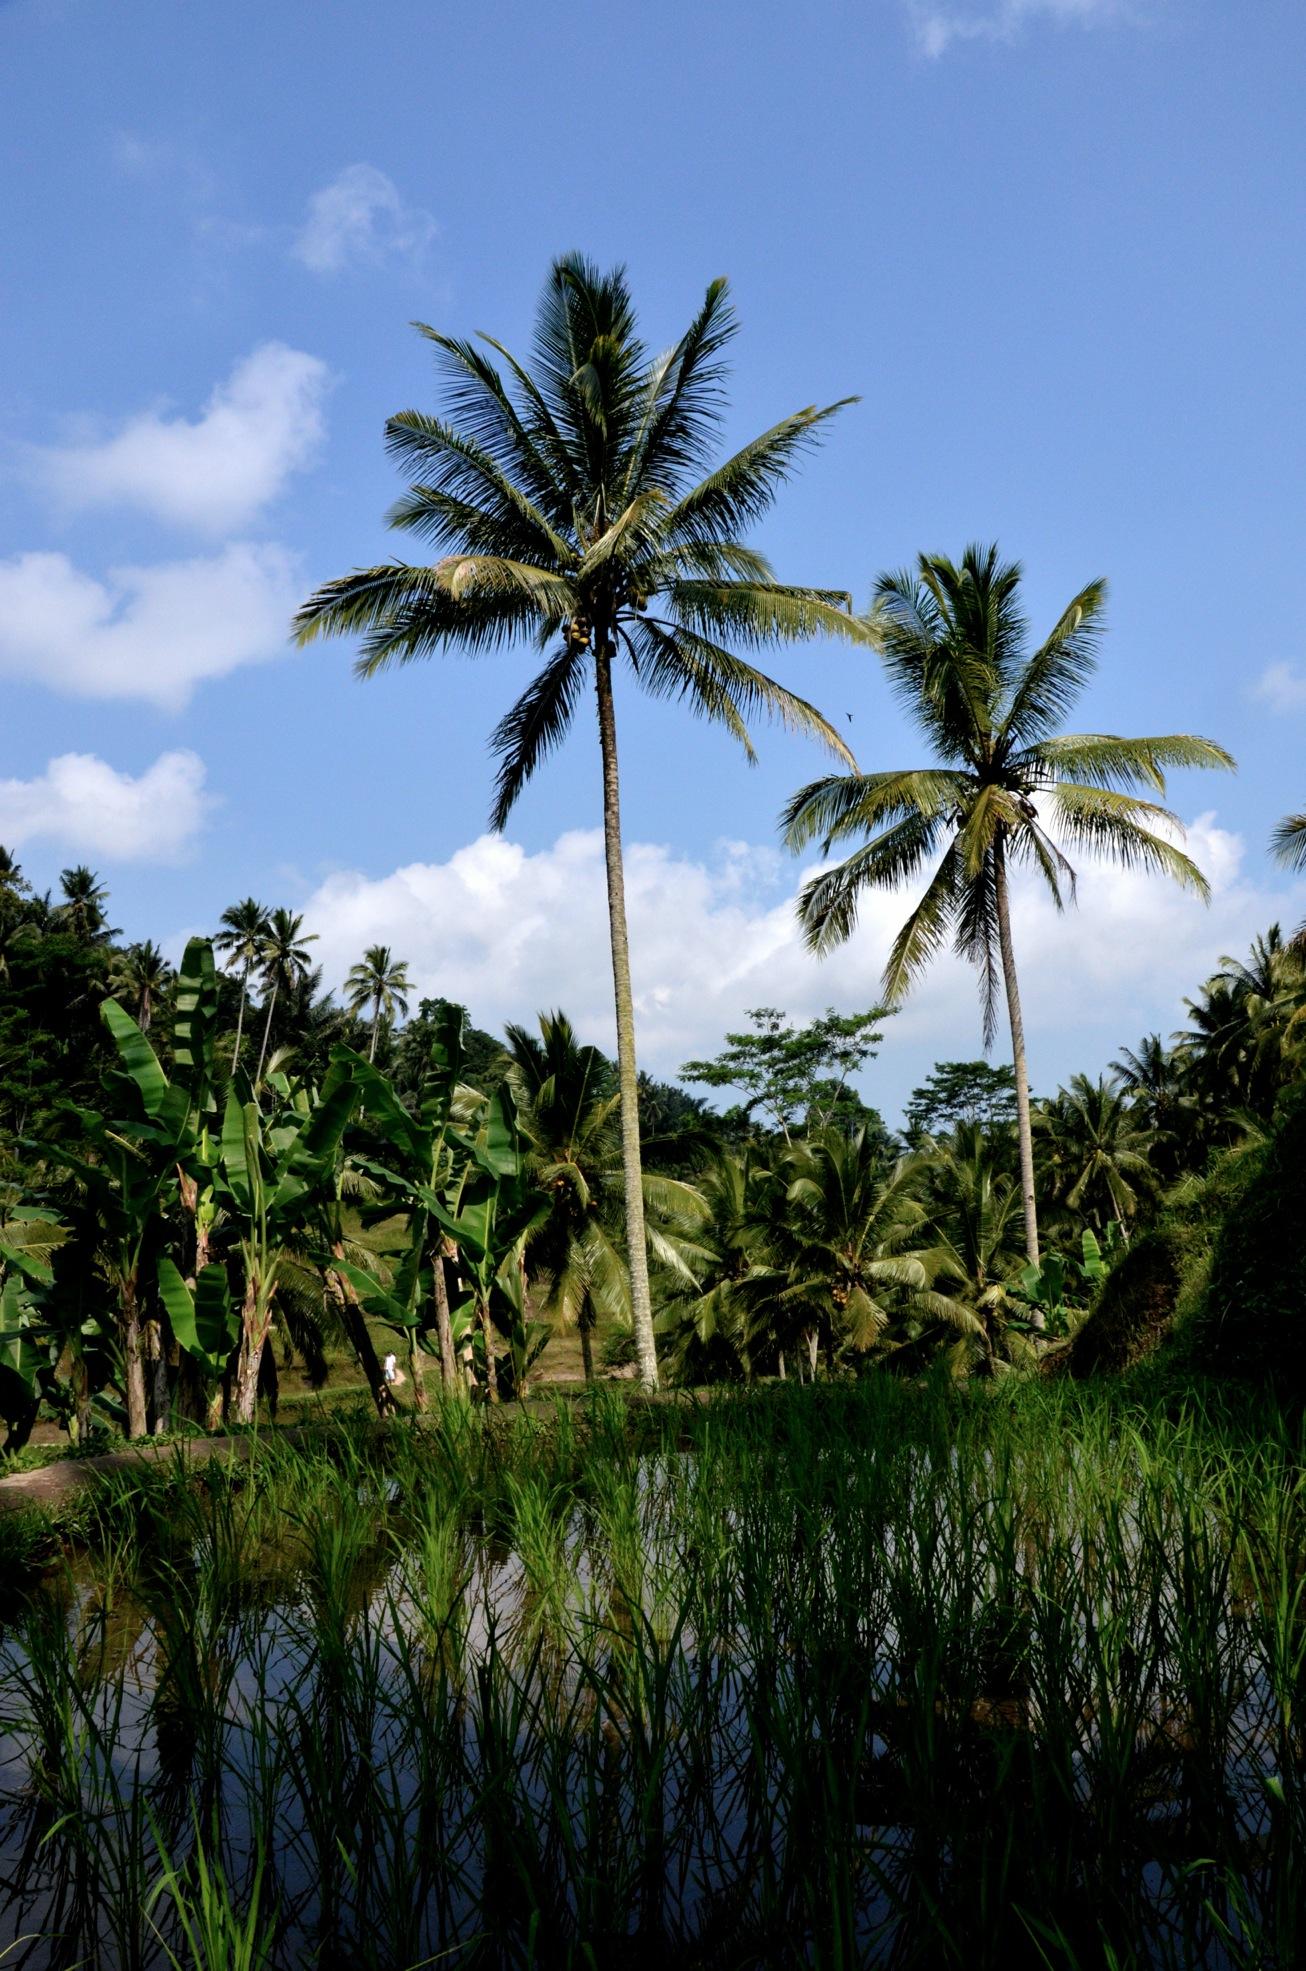 Reisplantage zwischen Palmen